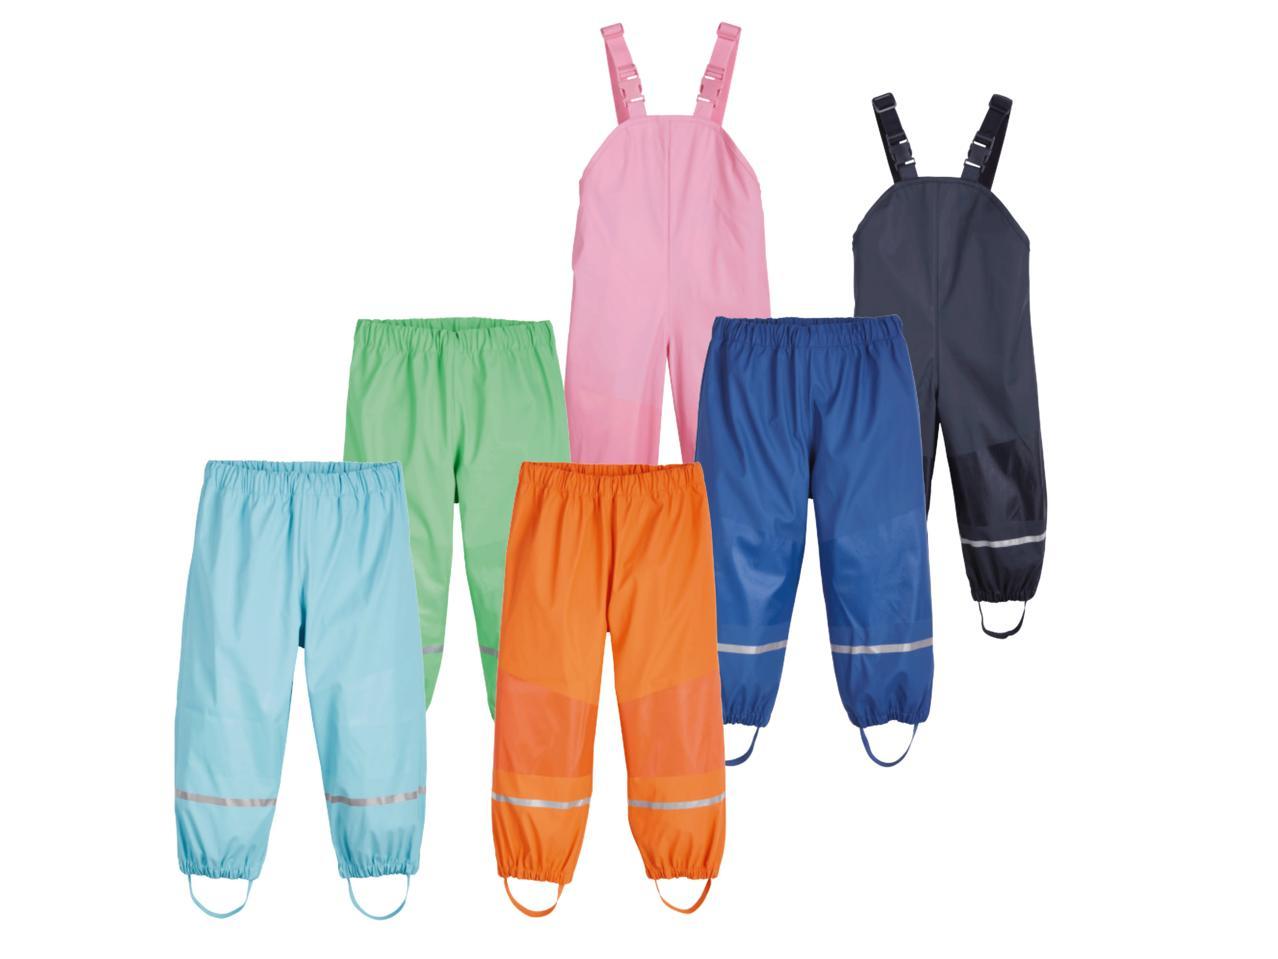 86e877377 LUPILU Kids  Waterproof Trousers - Lidl — Northern Ireland ...